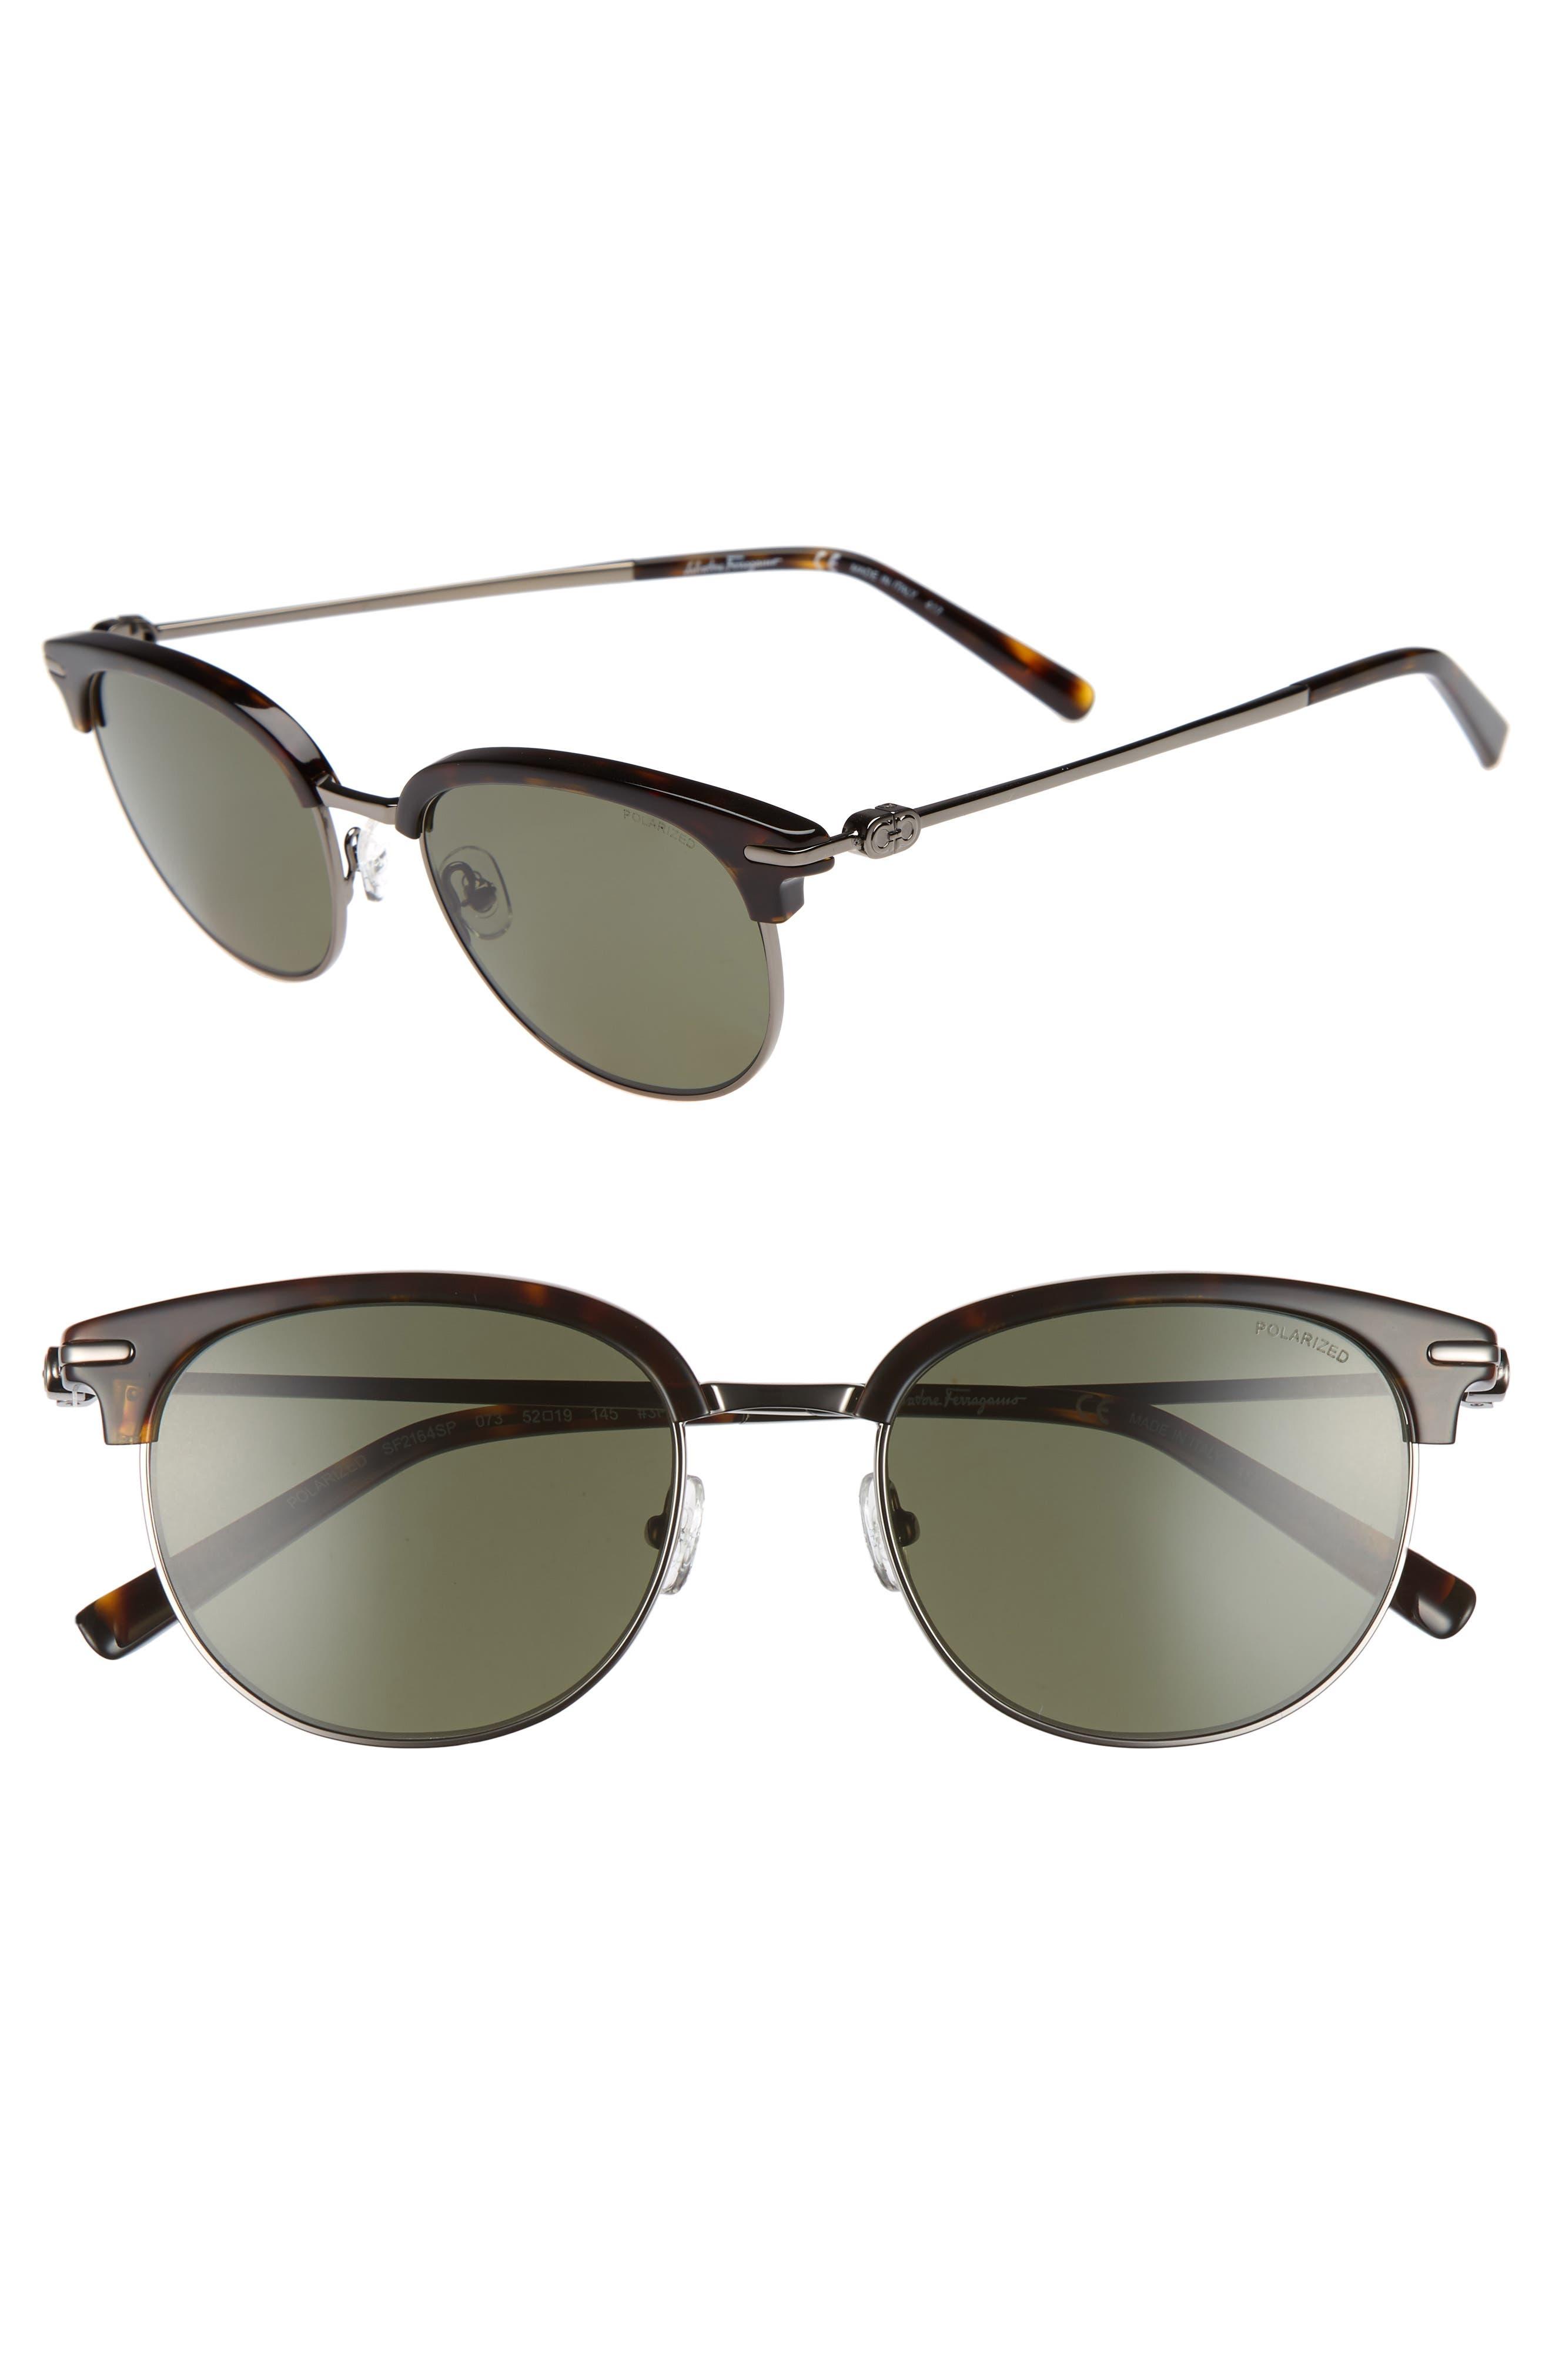 Salvatore Ferragamo Double Gancio 52mm Polarized Sunglasses